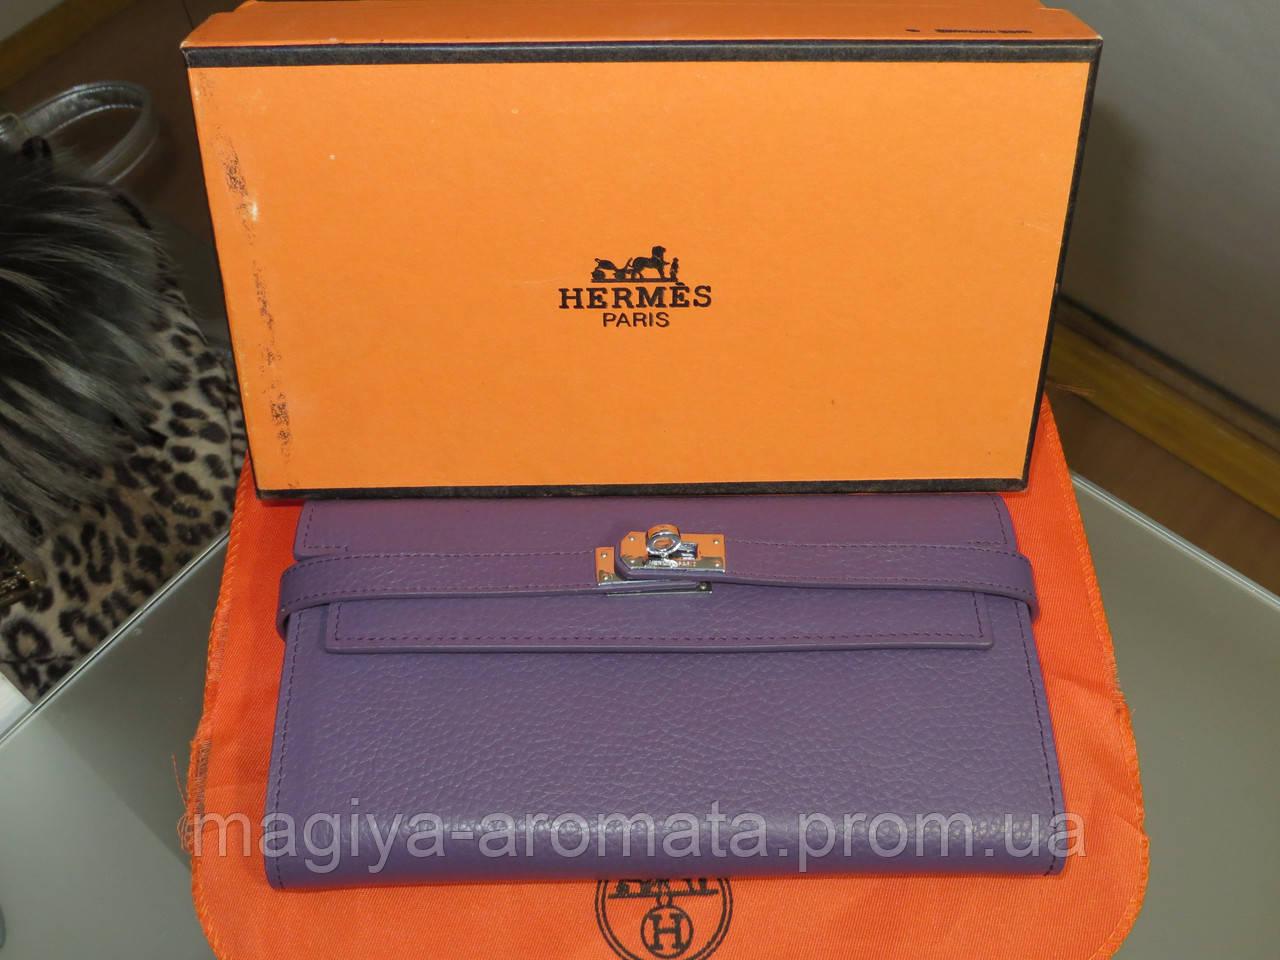 1c4ad50b403c Женский кожаный кошелек Hermes Original quality цвет фиолетовый пудровый - Магия  Аромата - Парфюмерия, Брендовые